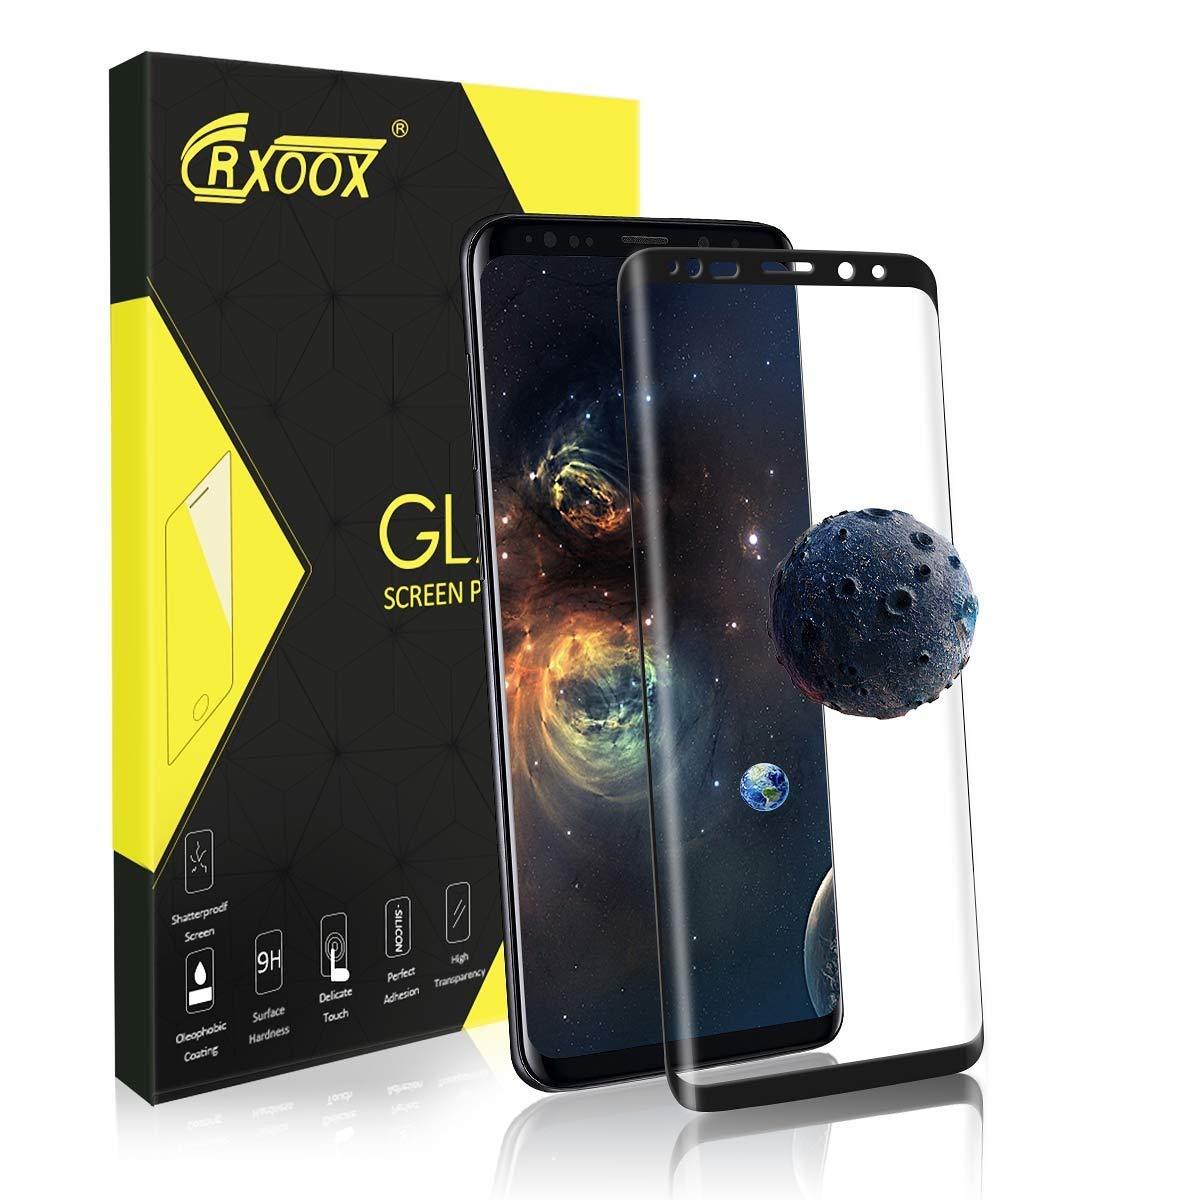 [Amazon] Gratis Displayschutzfolie für Samsung Galaxy S9 (Plus), Apple iPhone 6, 7, 8 und X (Freebie)